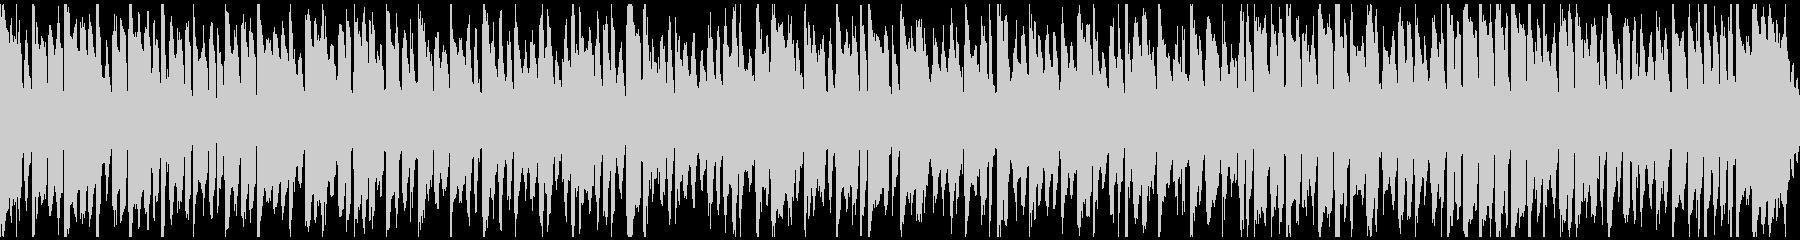 ほんわかした可愛い日常BGM ※ループ版の未再生の波形